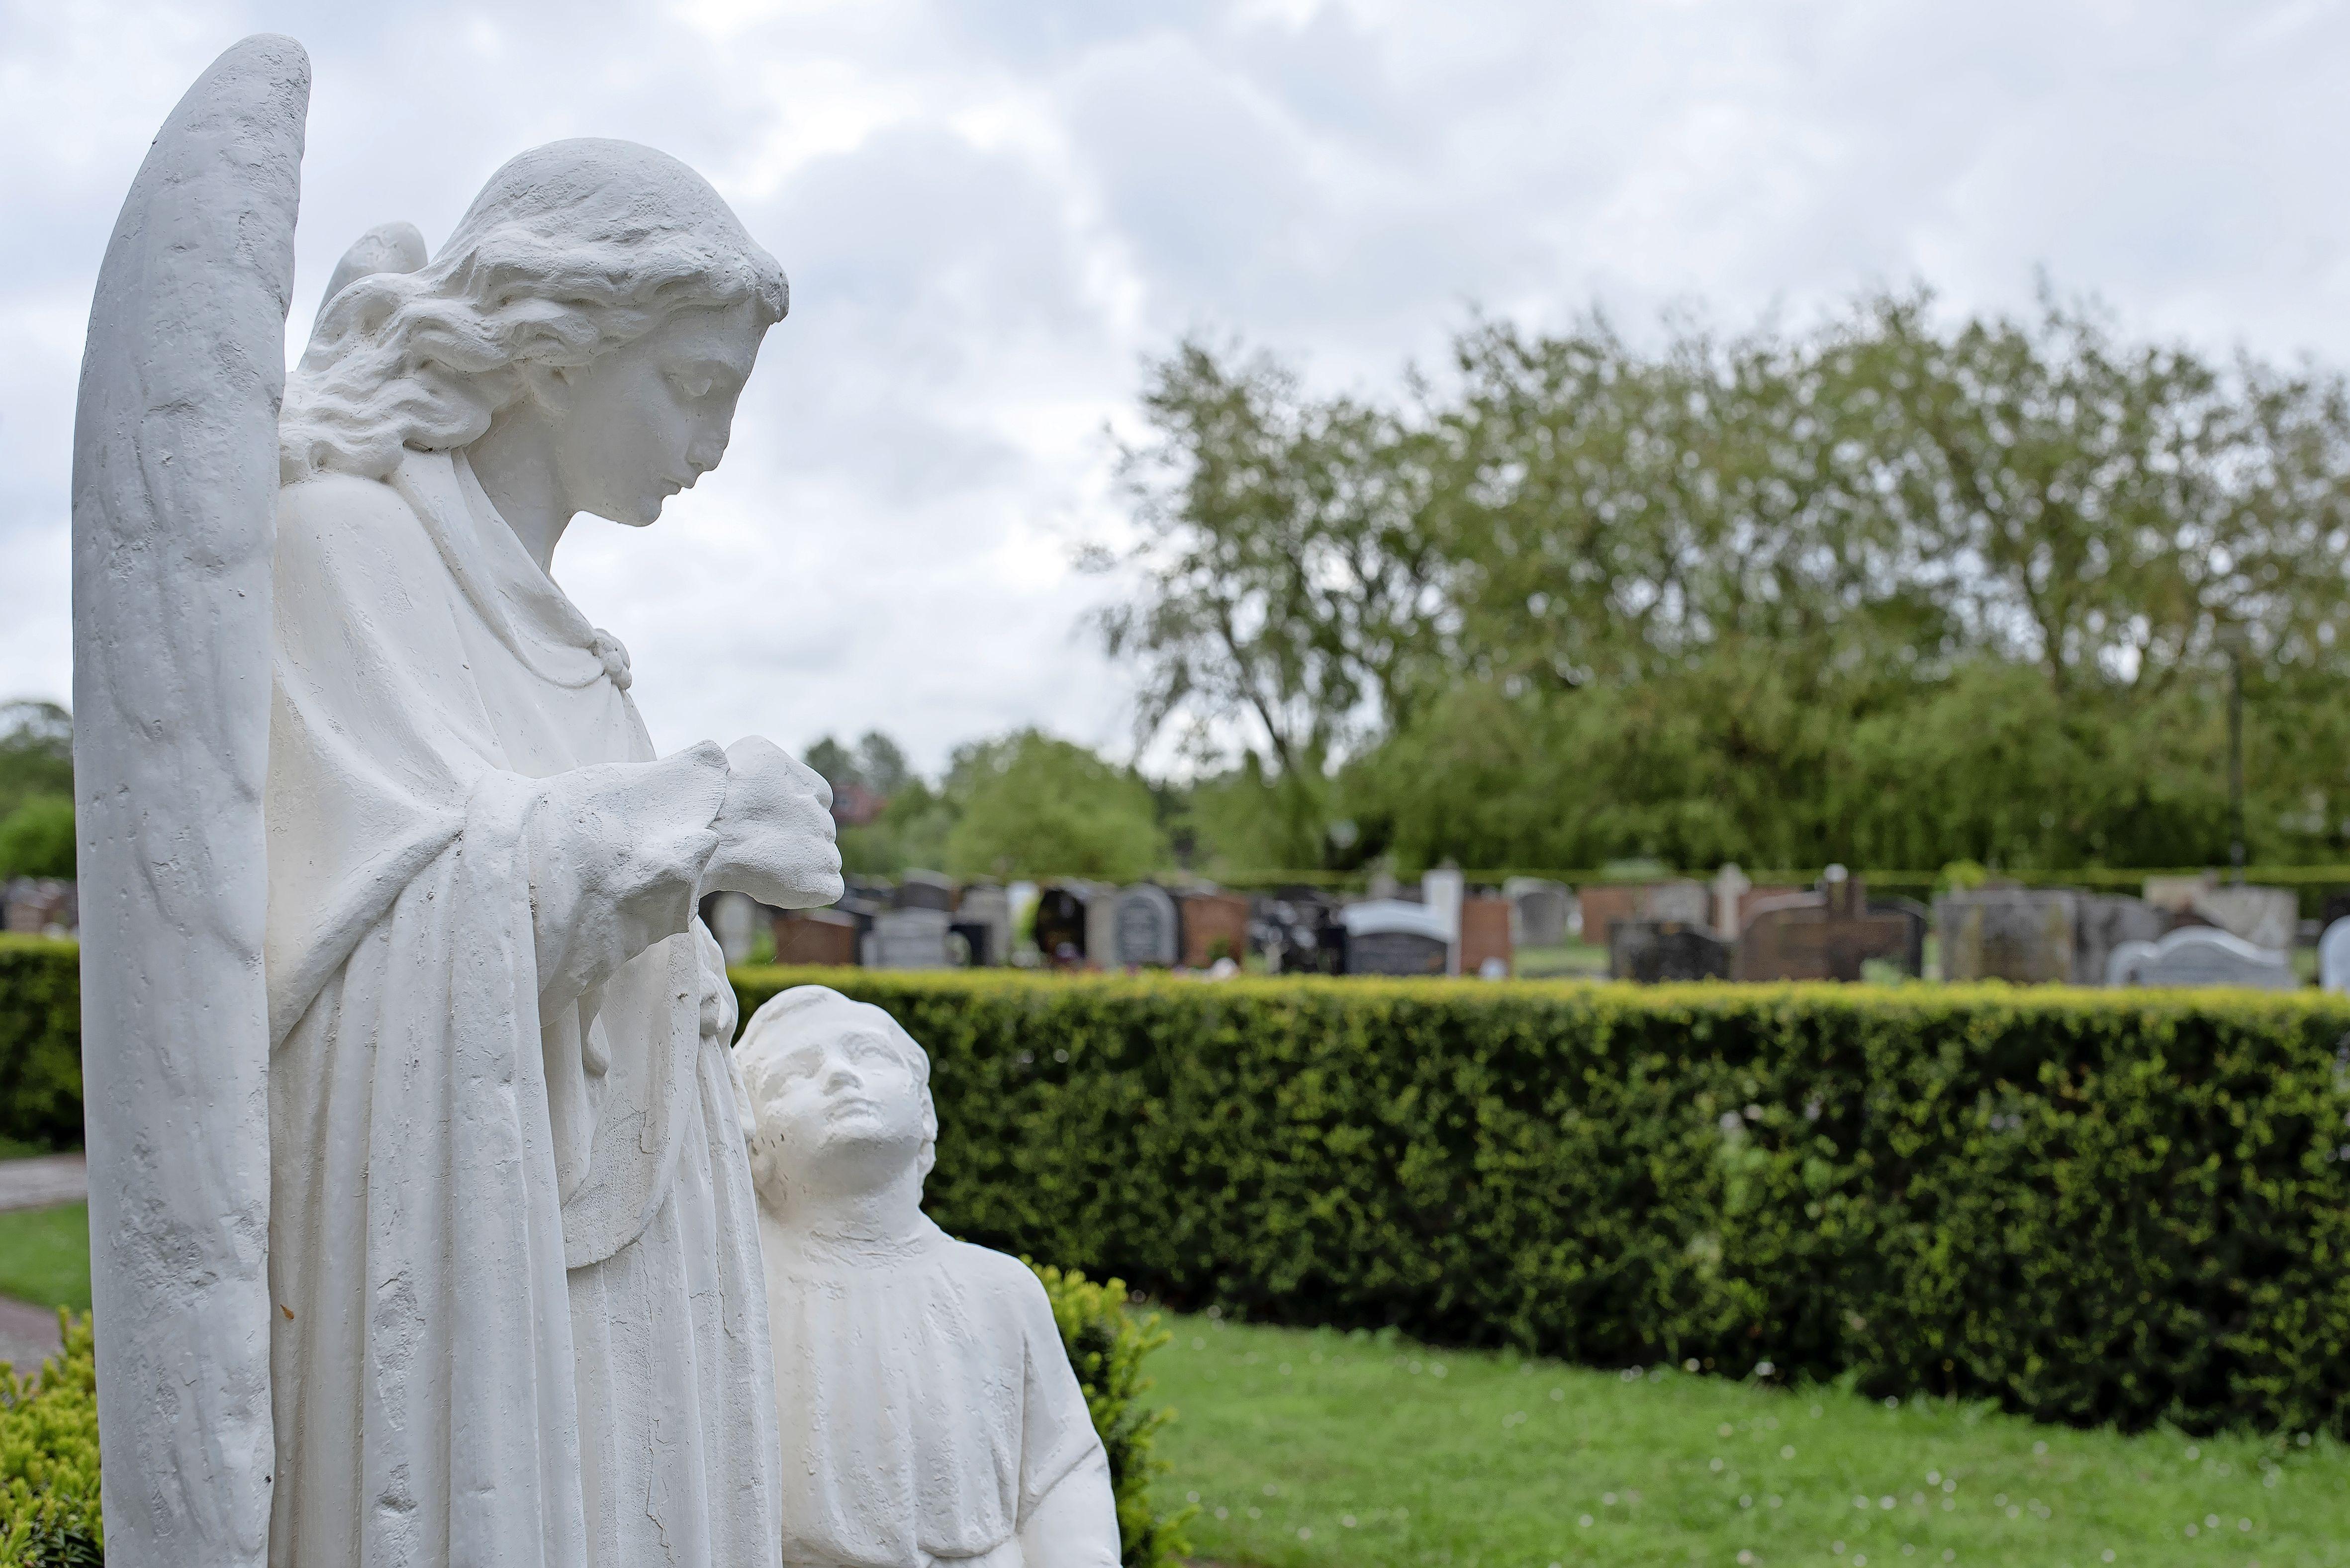 Meeste dorpers laten zich liever begraven dan cremeren; Weekend van de Begraafplaats